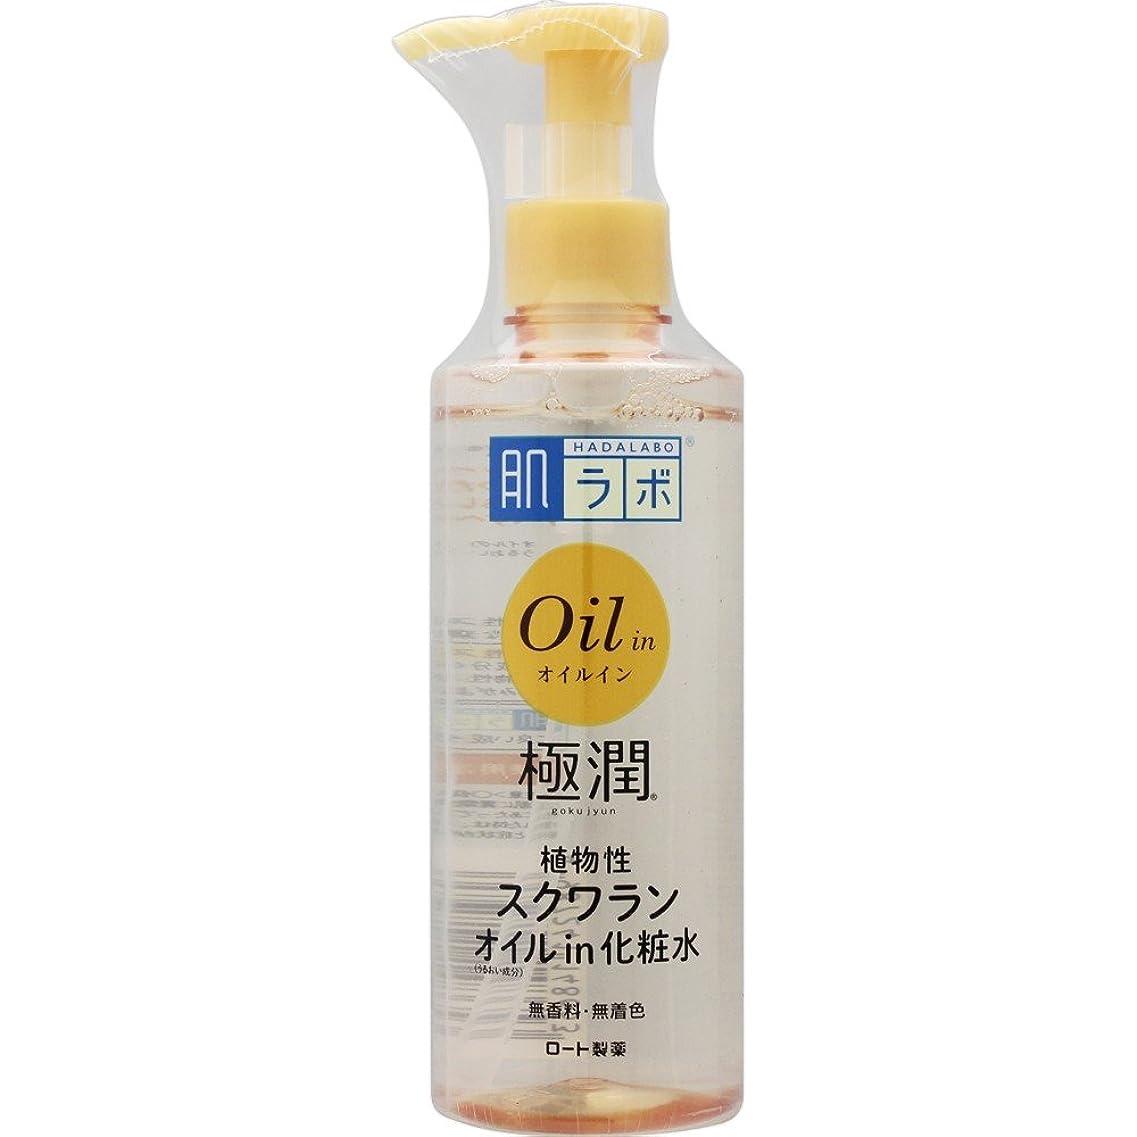 意気消沈した観光球状肌ラボ 極潤オイルイン化粧水 植物性スクワランオイル配合 220ml